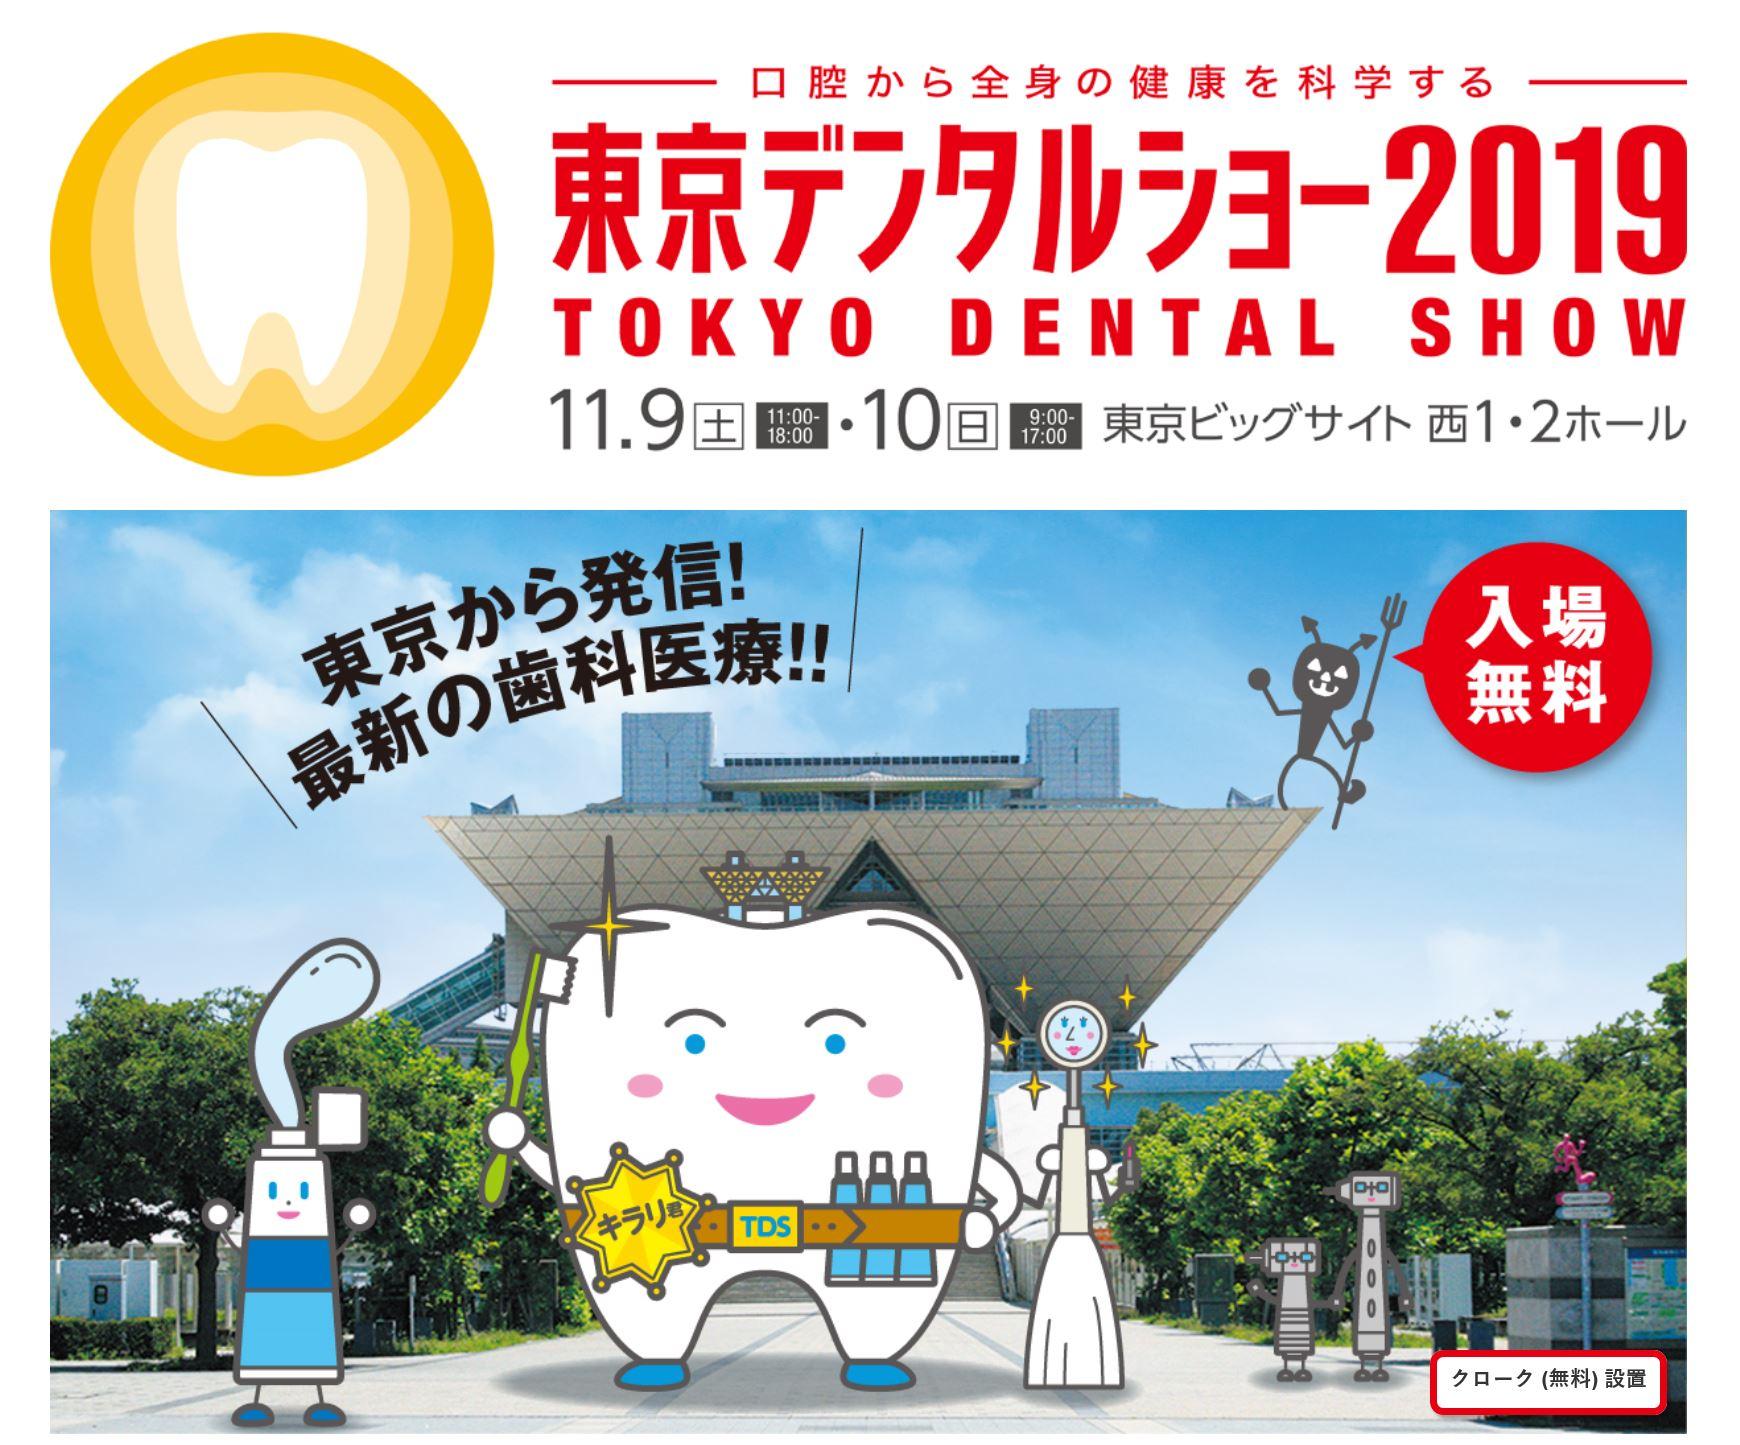 東京デンタルショー2019で講演します。11月10日(日)11:30~ @お台場ビックサイト